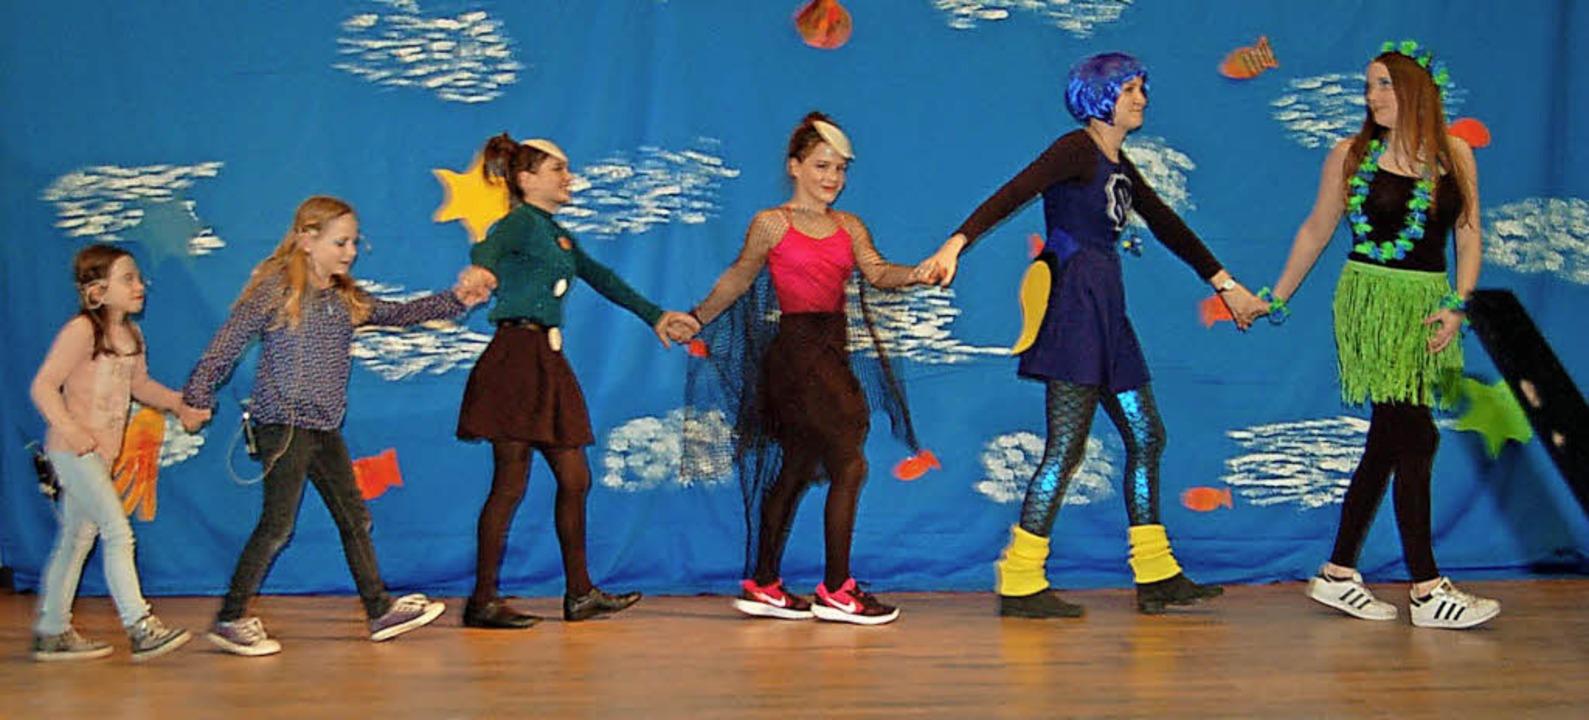 Das Jugendorchester und die Tanzgruppe glänzten gemeinsam auf der Bühne.     Foto: Christian Ringwald